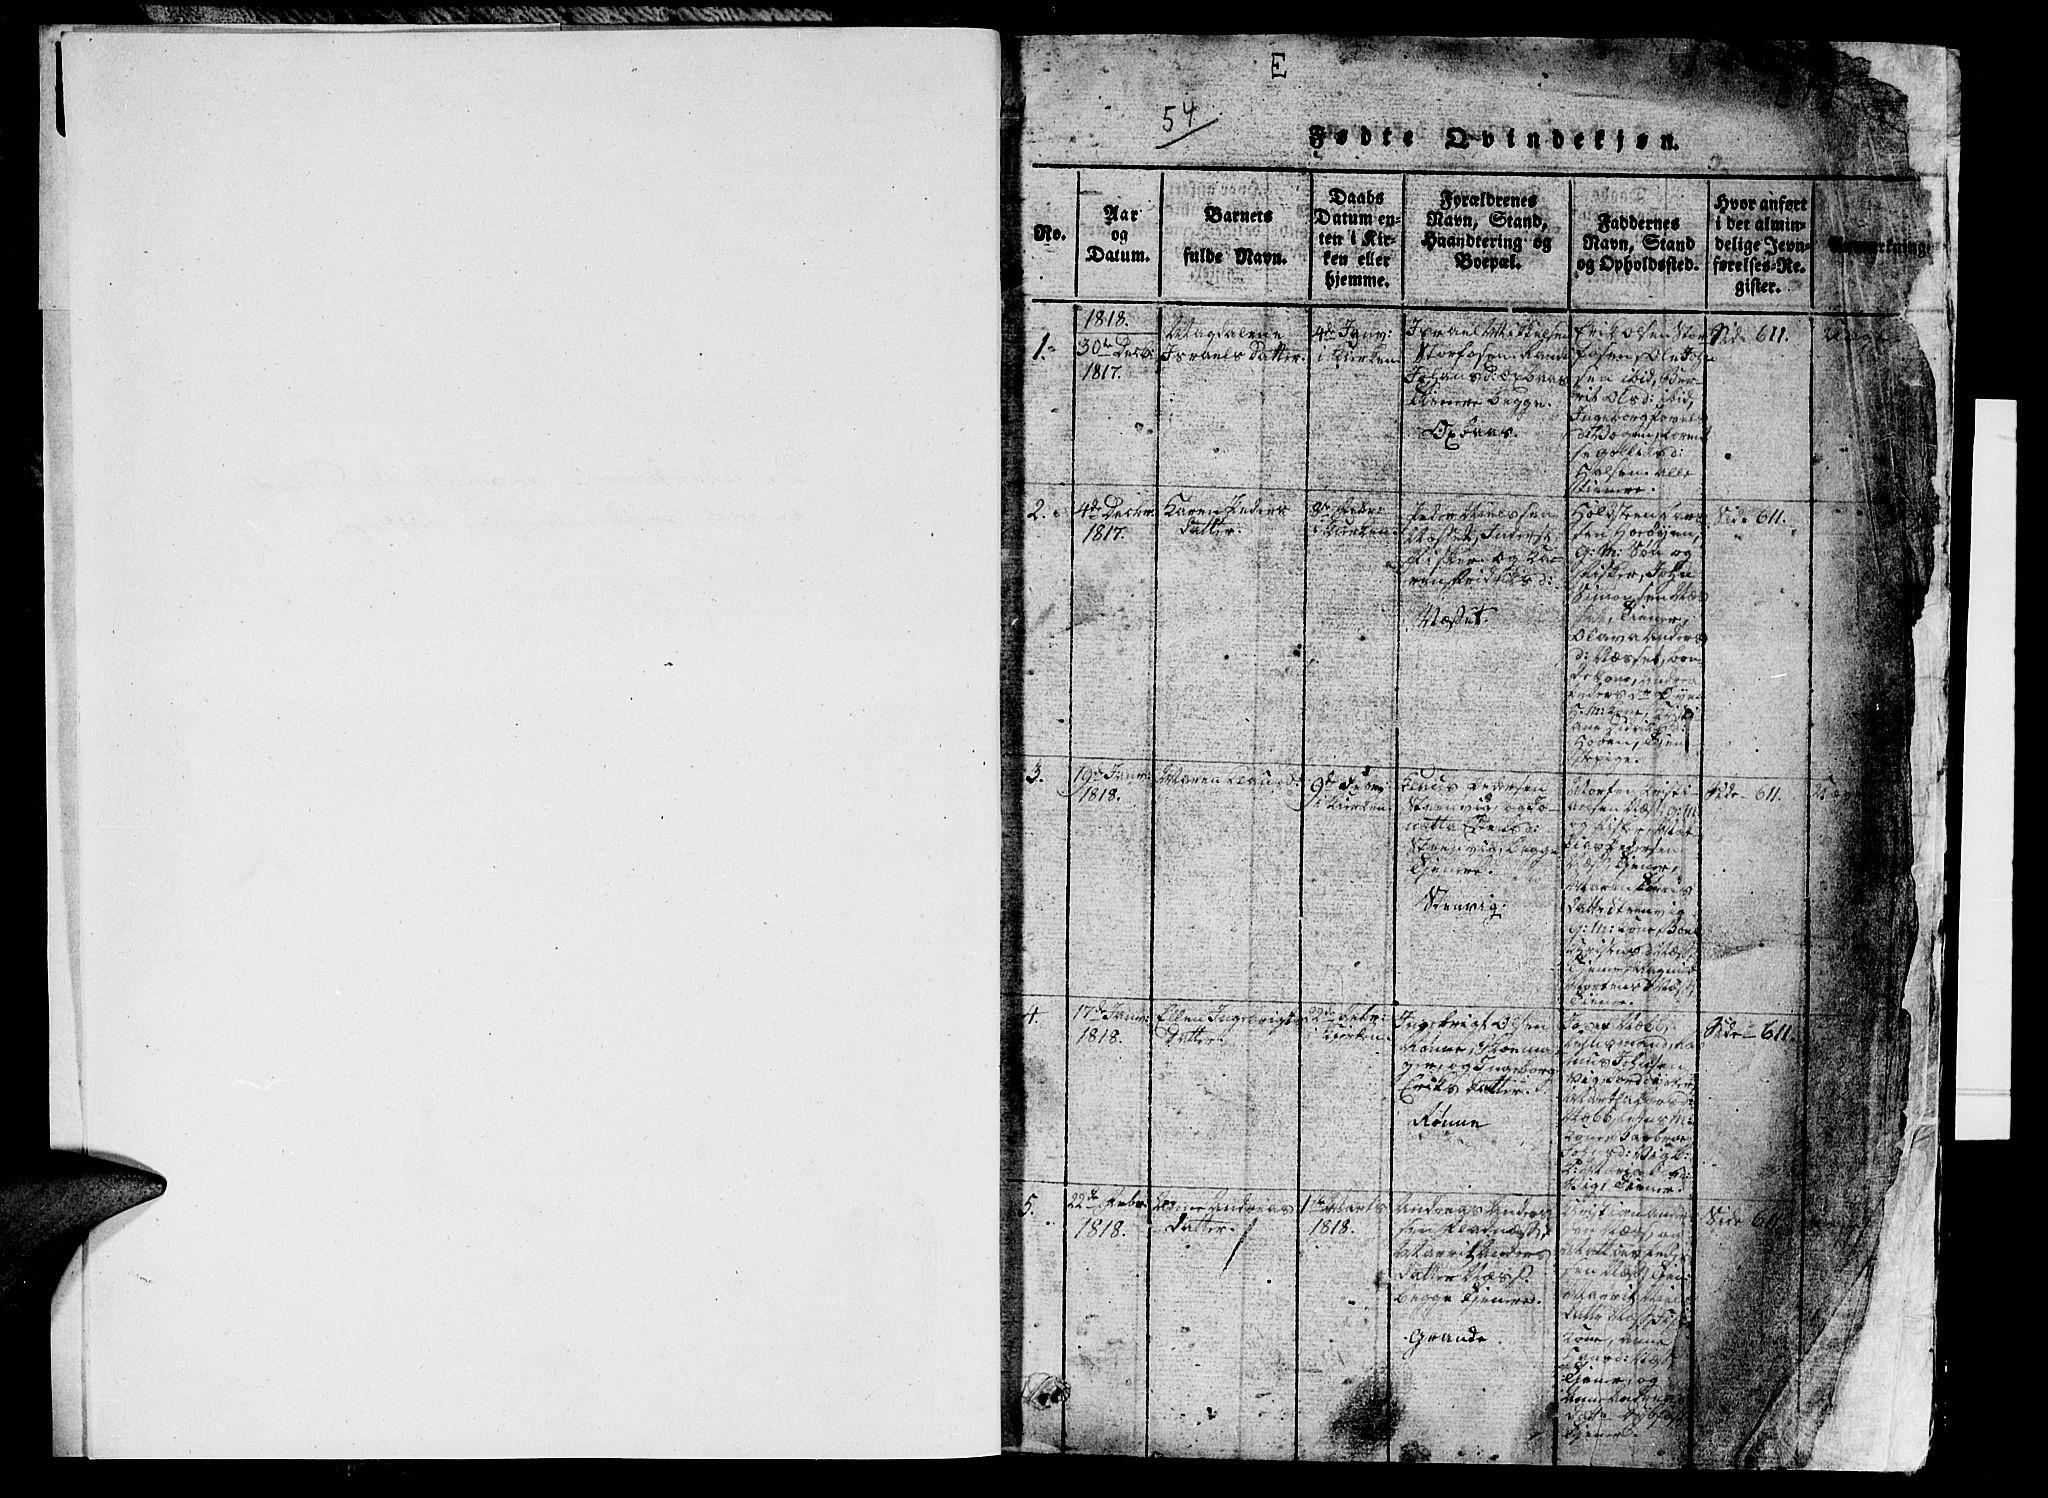 SAT, Ministerialprotokoller, klokkerbøker og fødselsregistre - Sør-Trøndelag, 659/L0744: Klokkerbok nr. 659C01, 1818-1825, s. 0-1